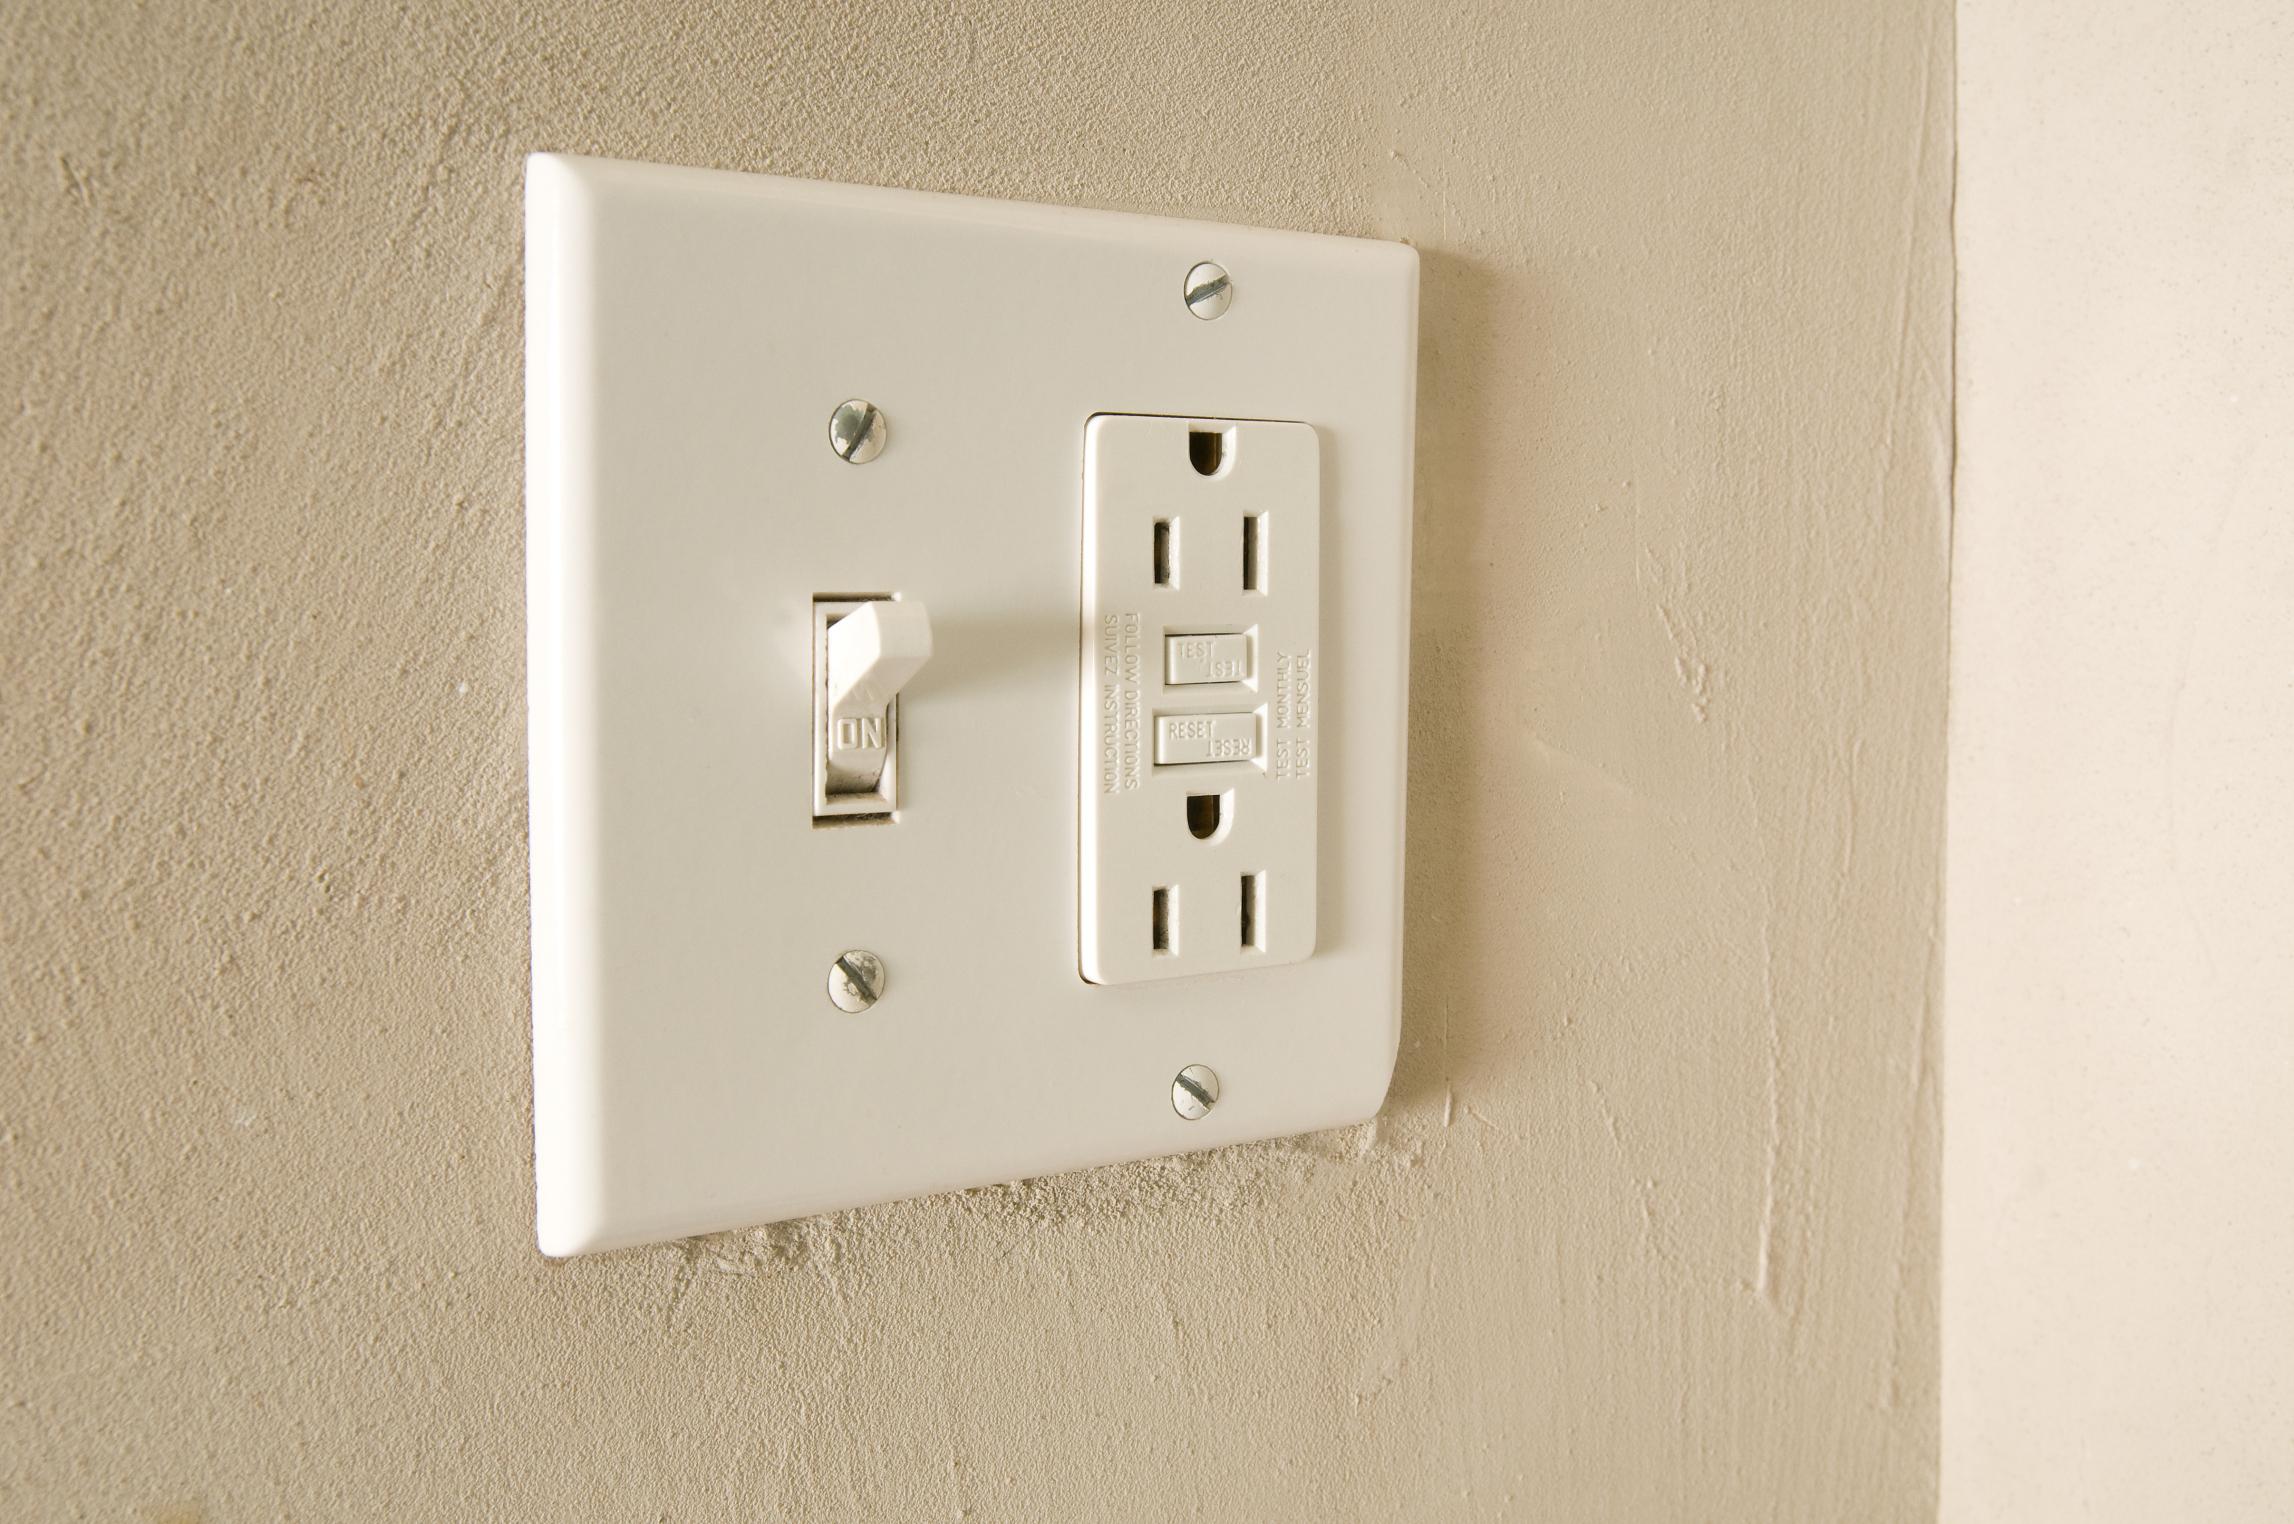 Cómo Instalar Un Interruptor Y Una Toma De Enchufe